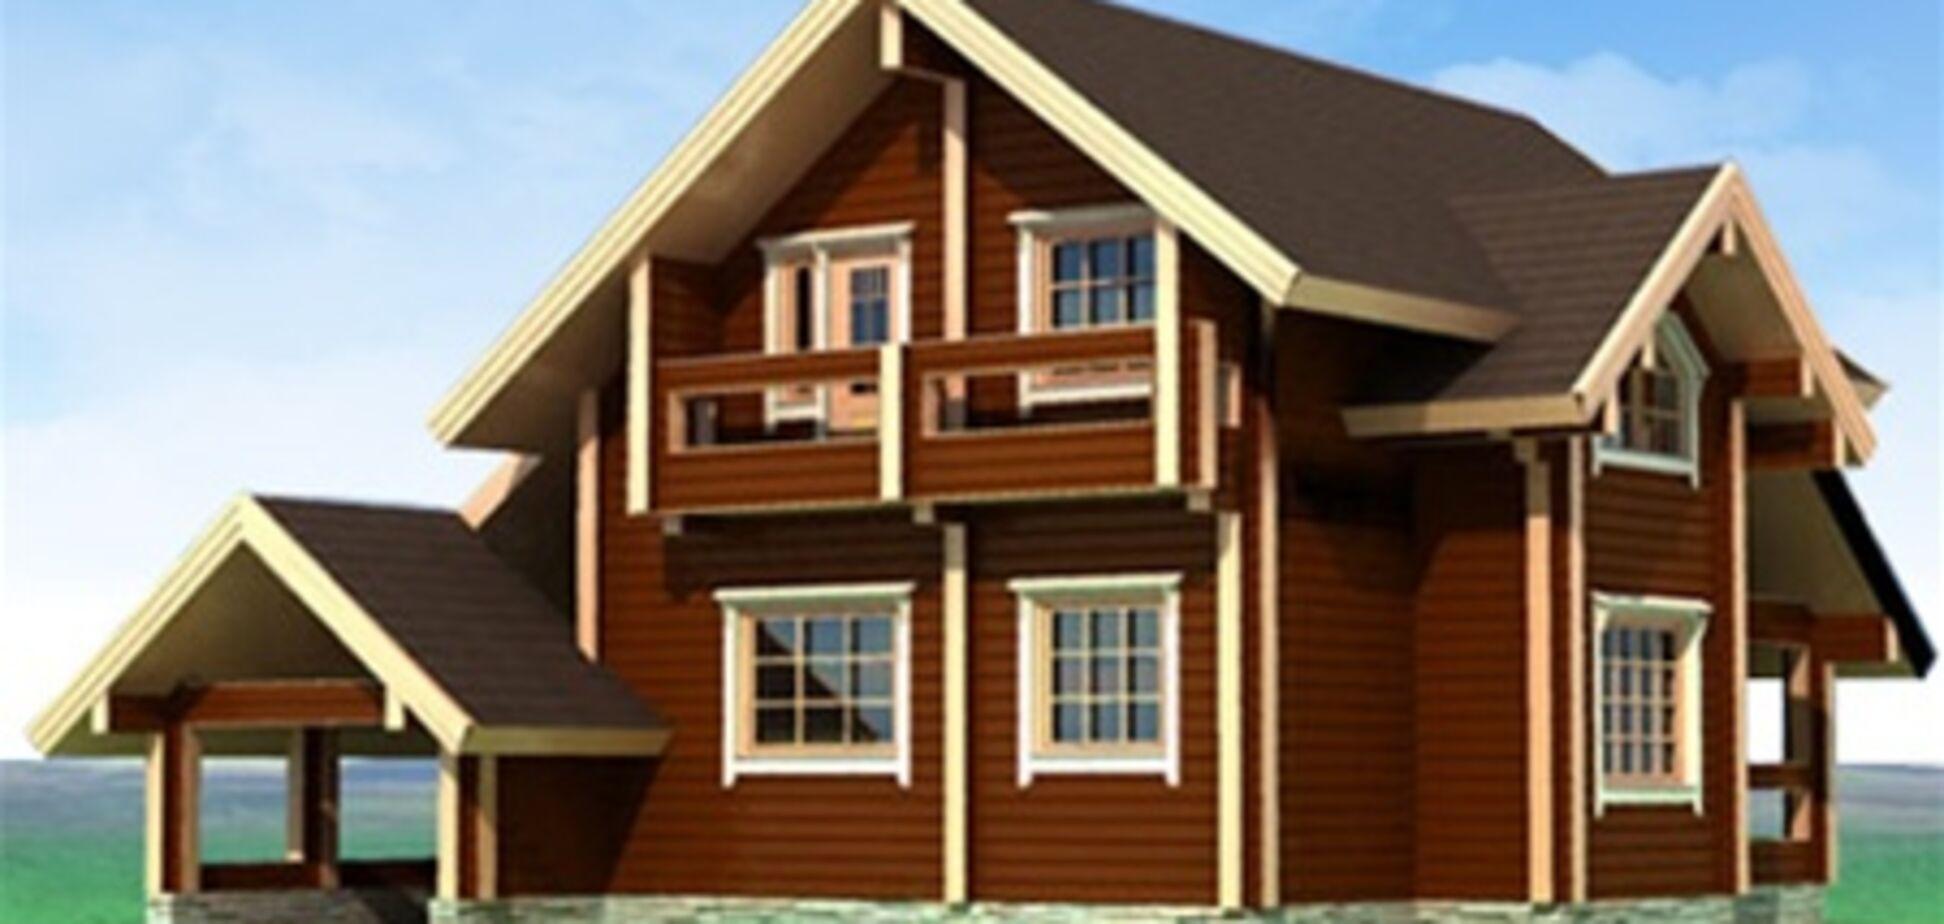 Перед выборами в Украине вырастет спрос на недвижимость